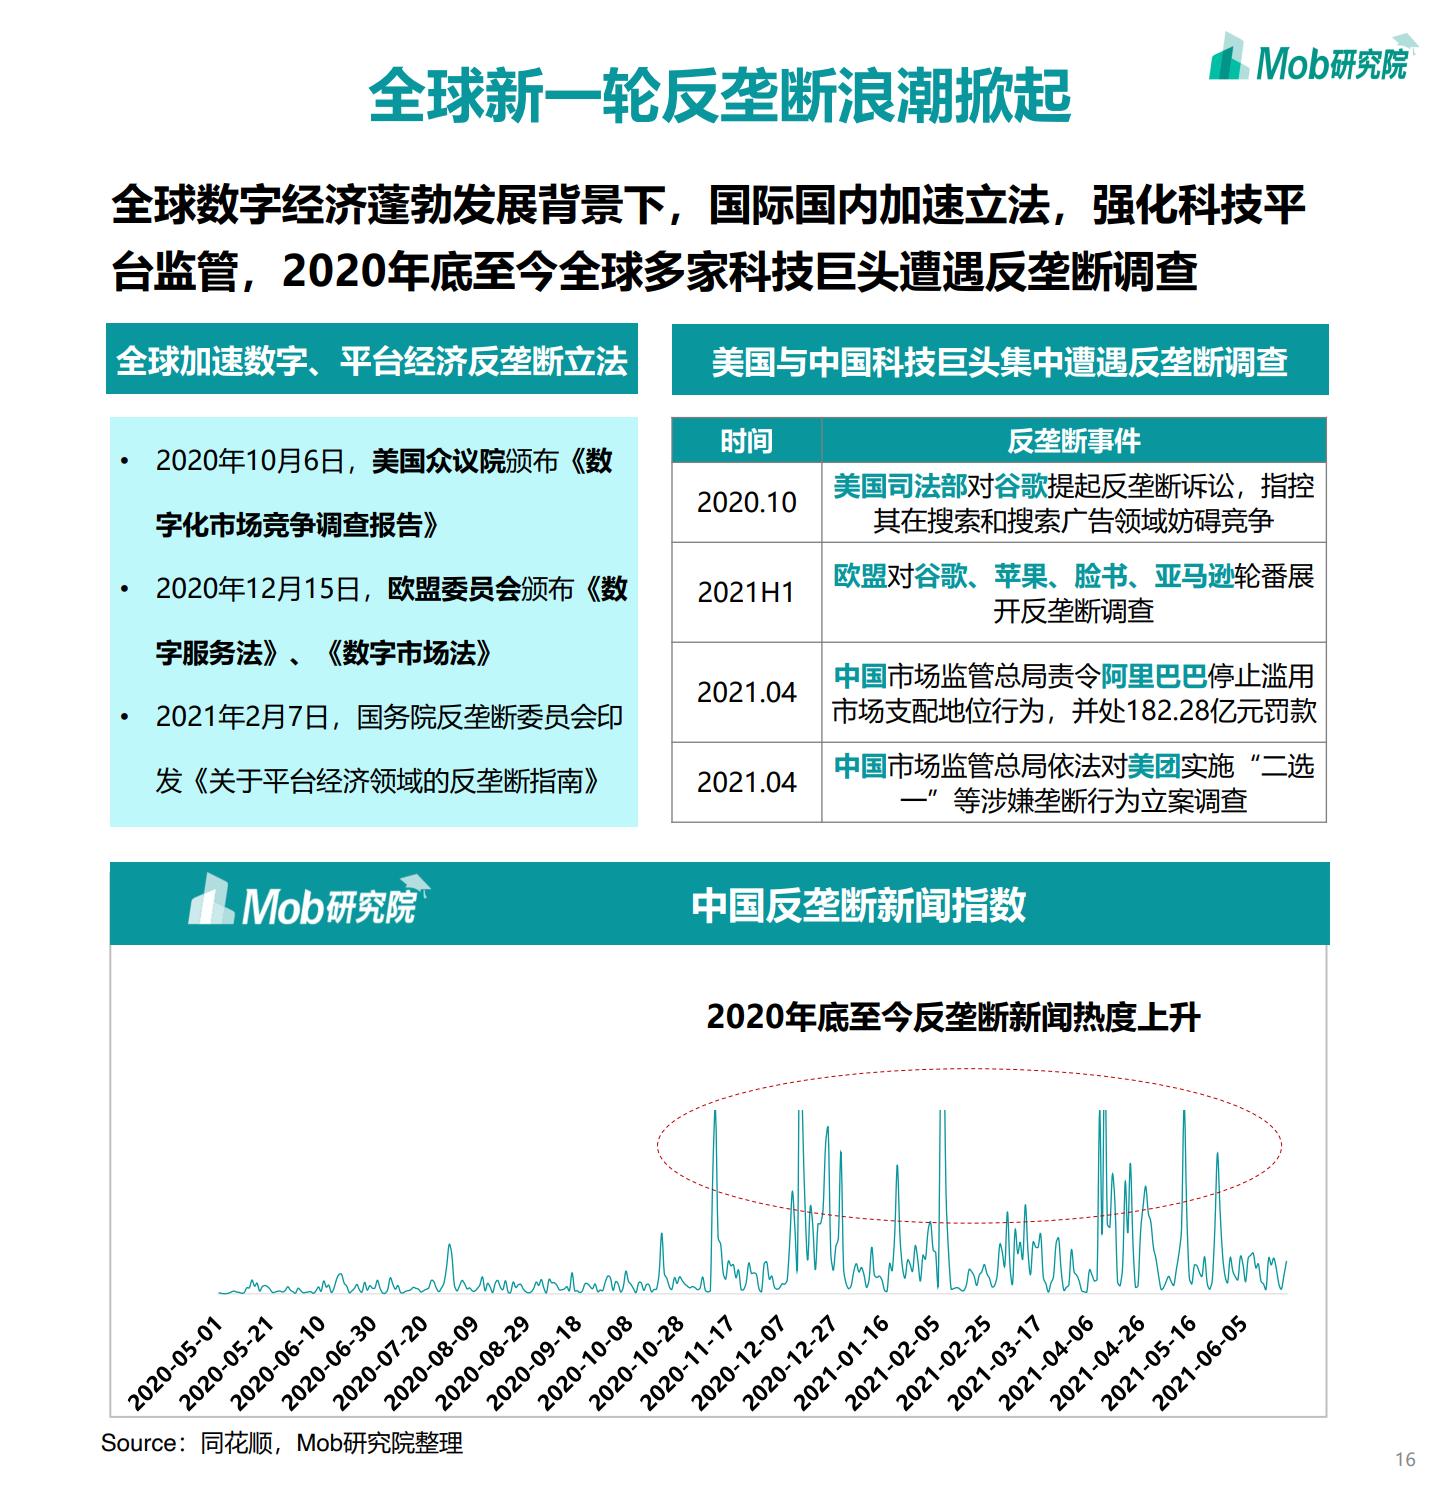 2021年中国移动互联网半年度大报告插图15